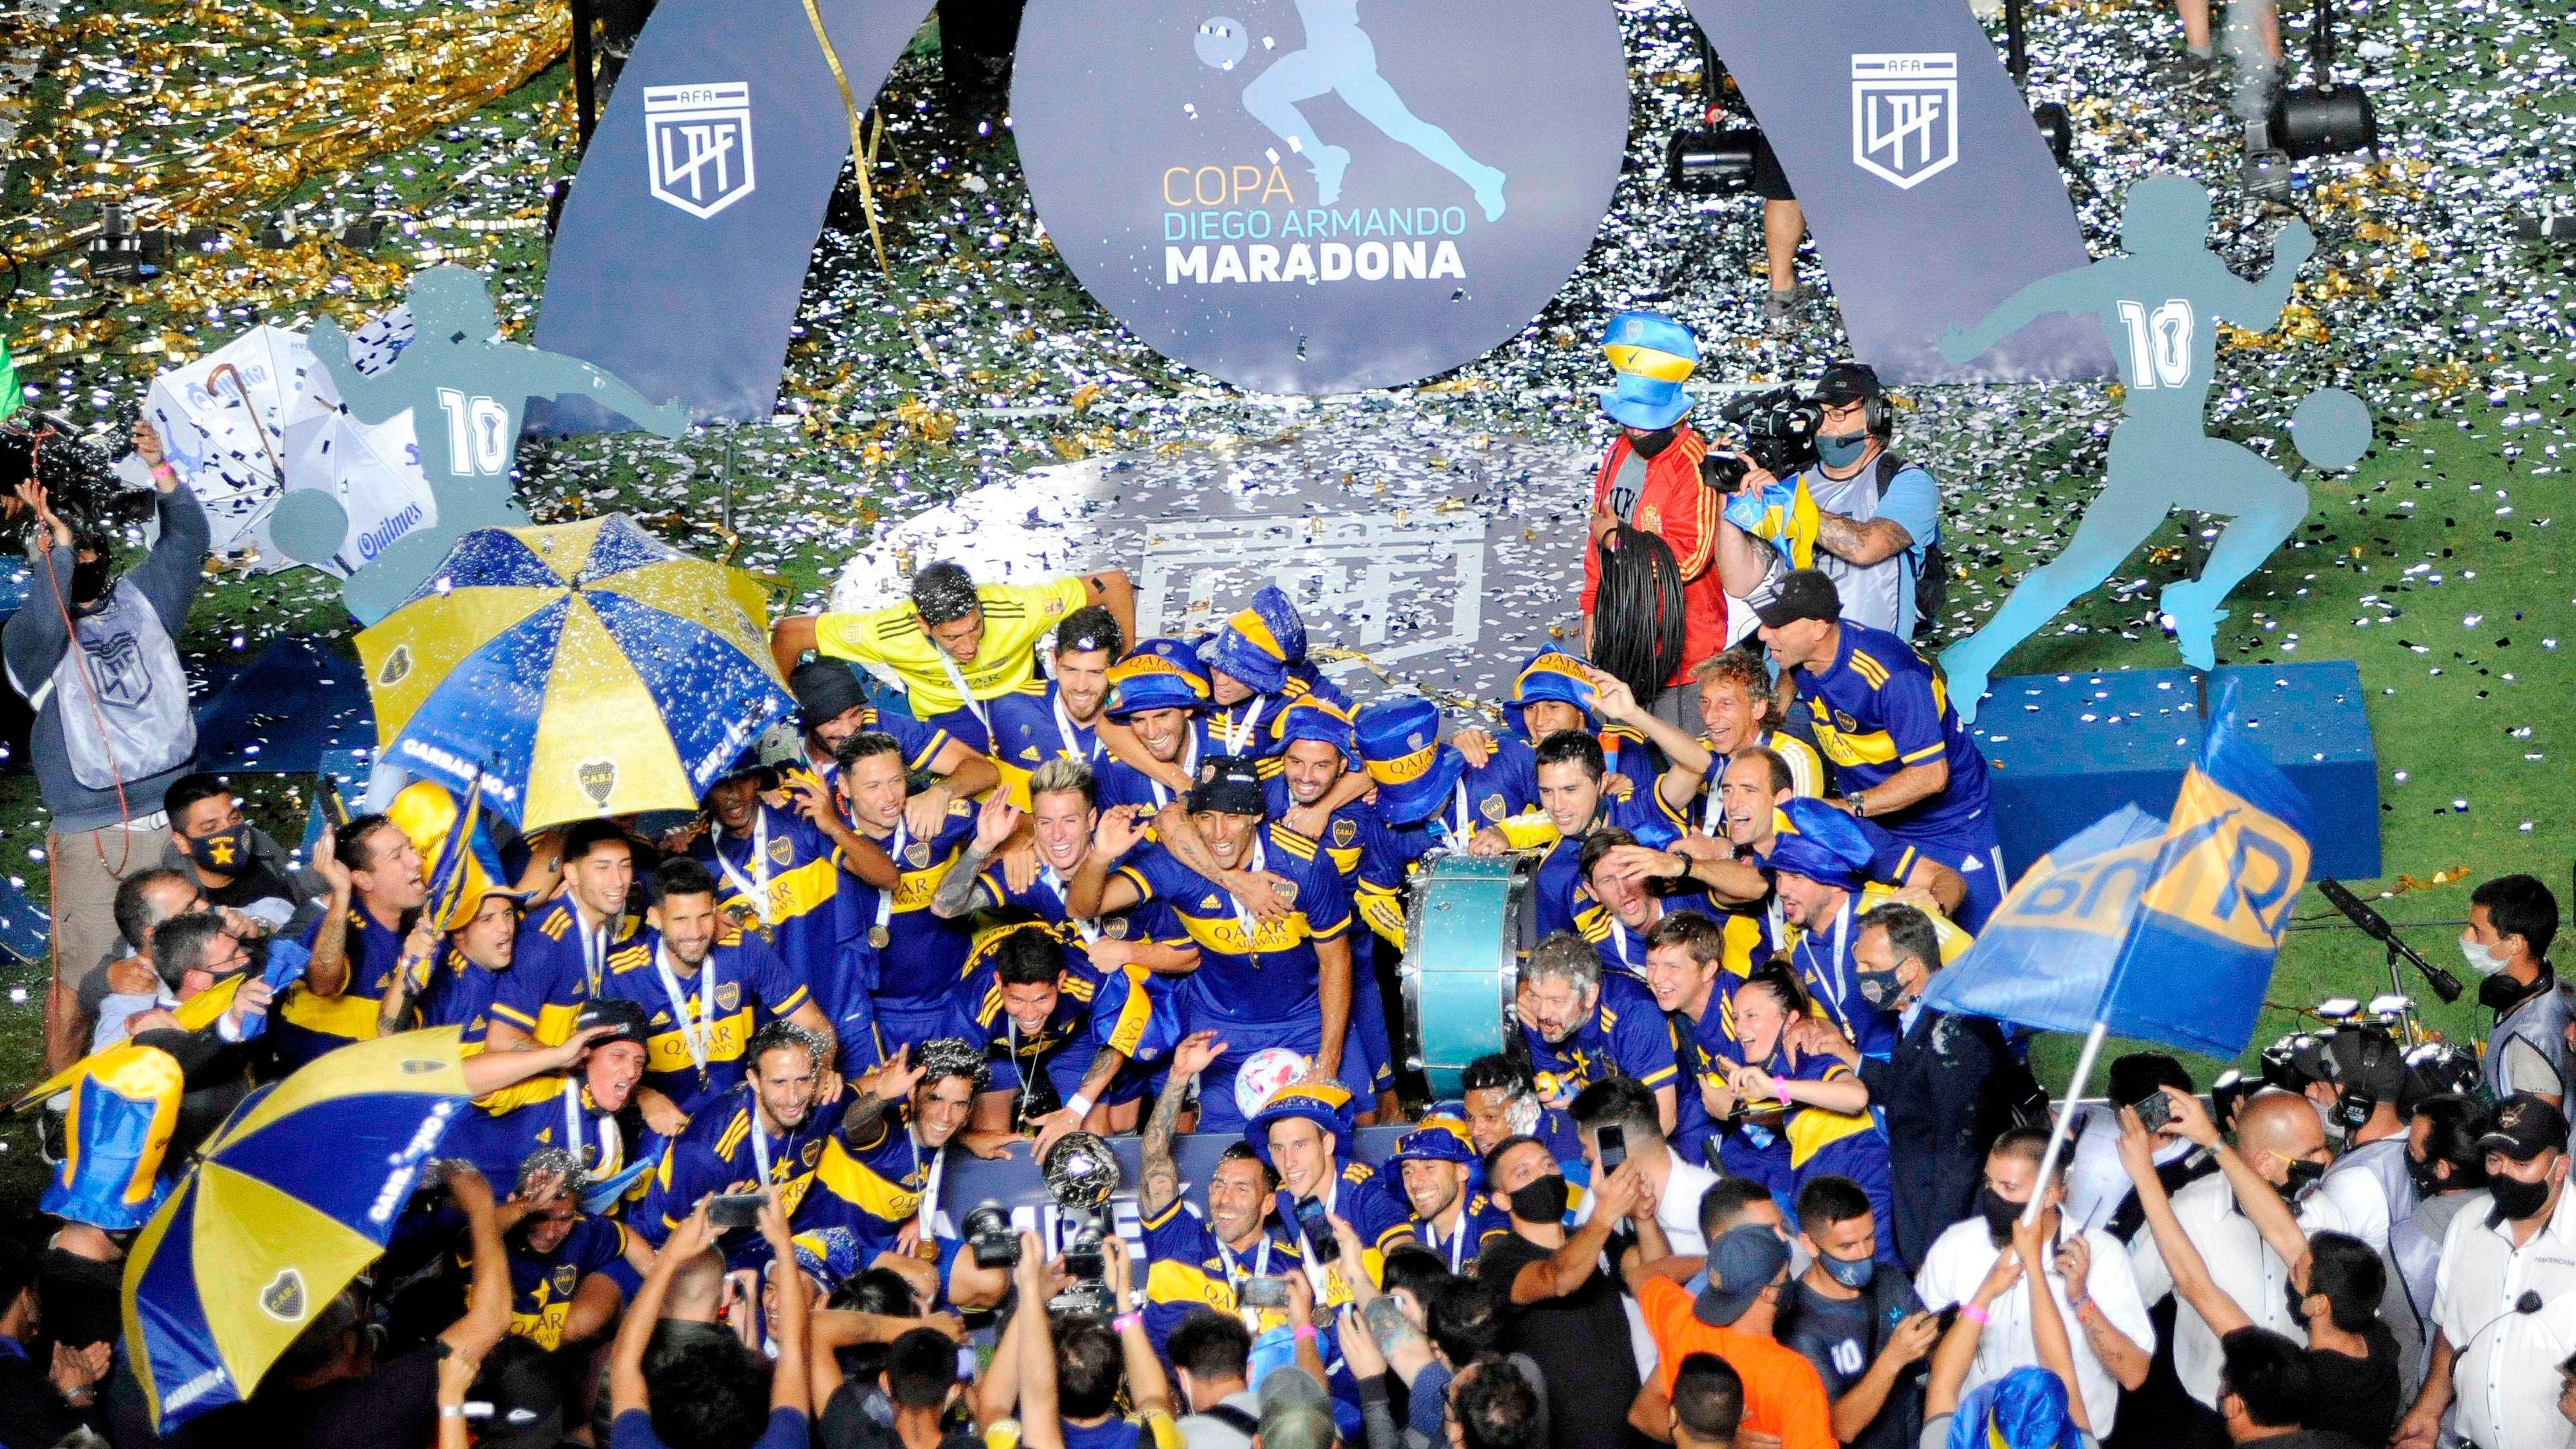 El festejo del plantel de Boca en San Juan, tras superar a Banfield en la final de la Copa Diego Maradona (REUTERS/Andres Larrovere)